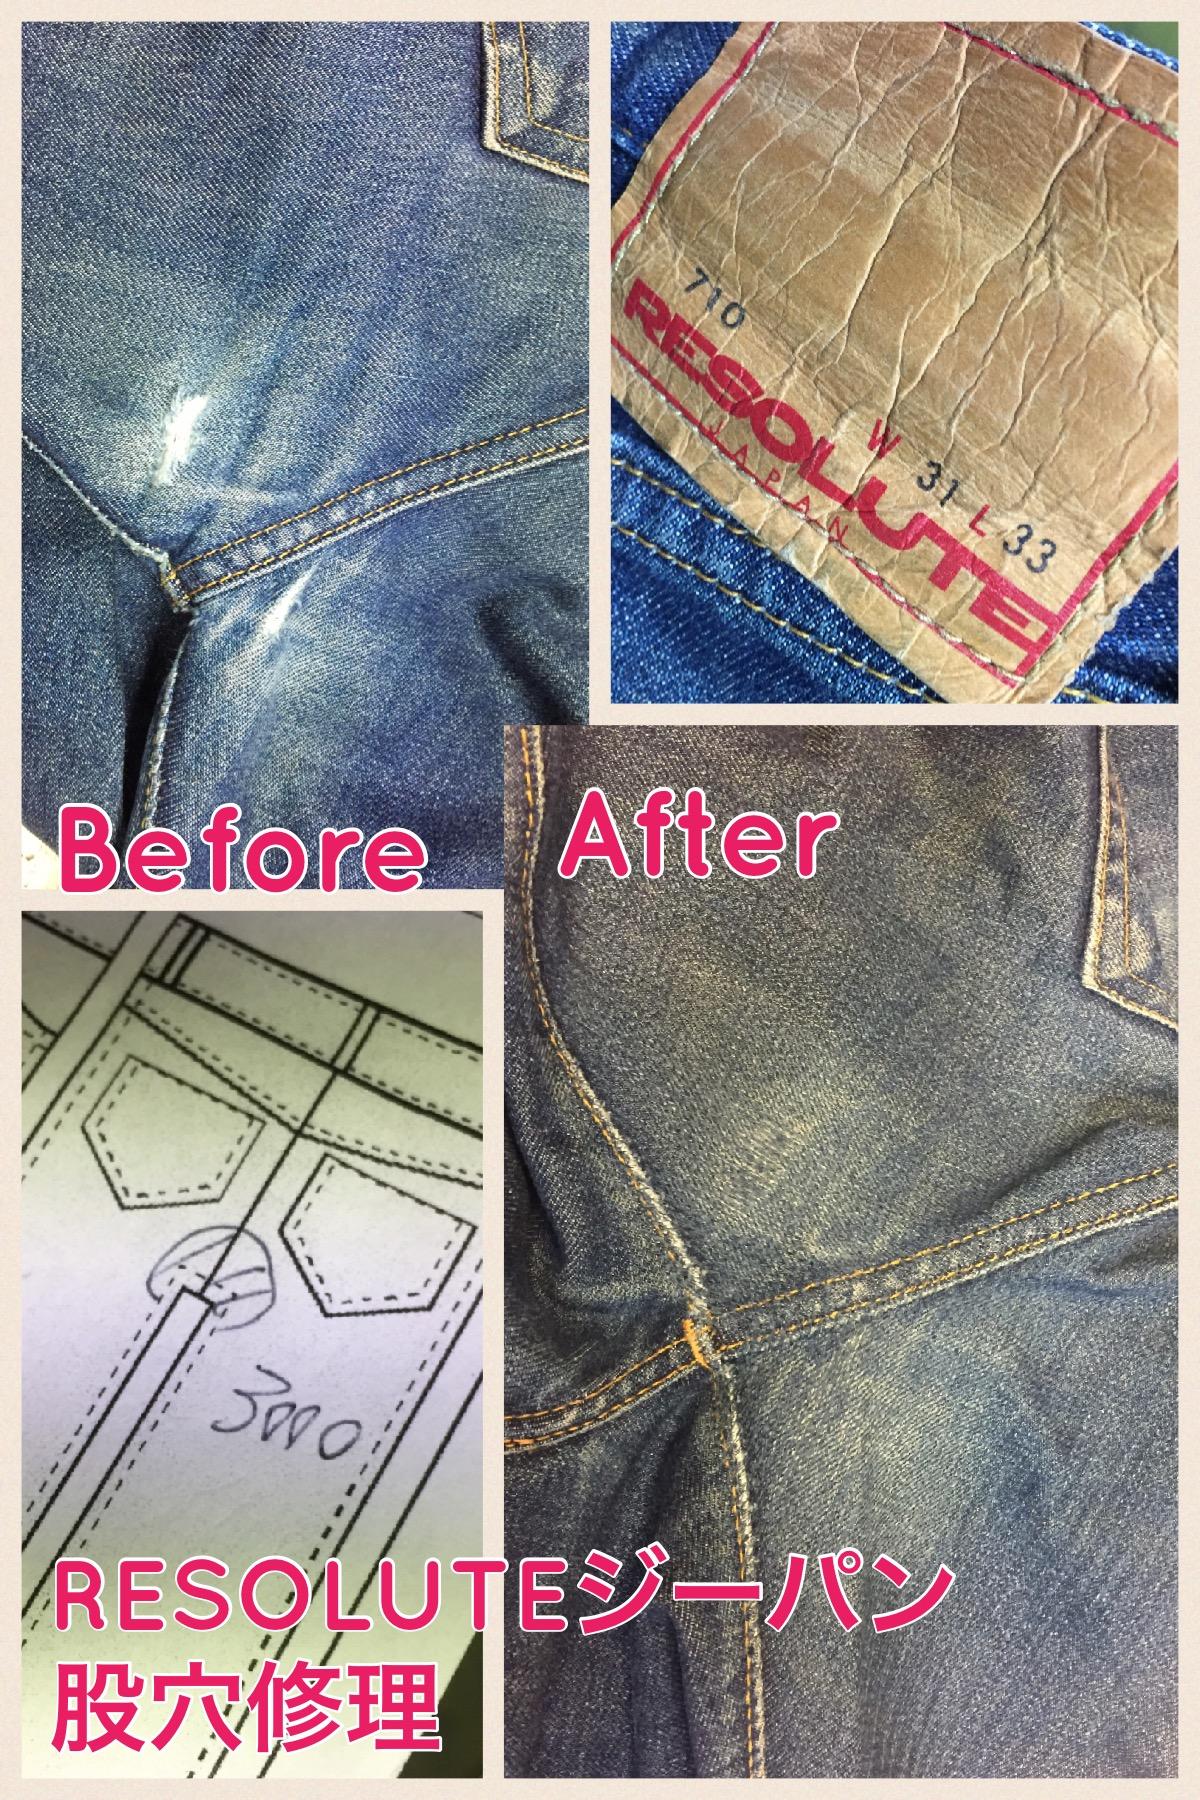 リゾルトジーンズの股擦れ修理